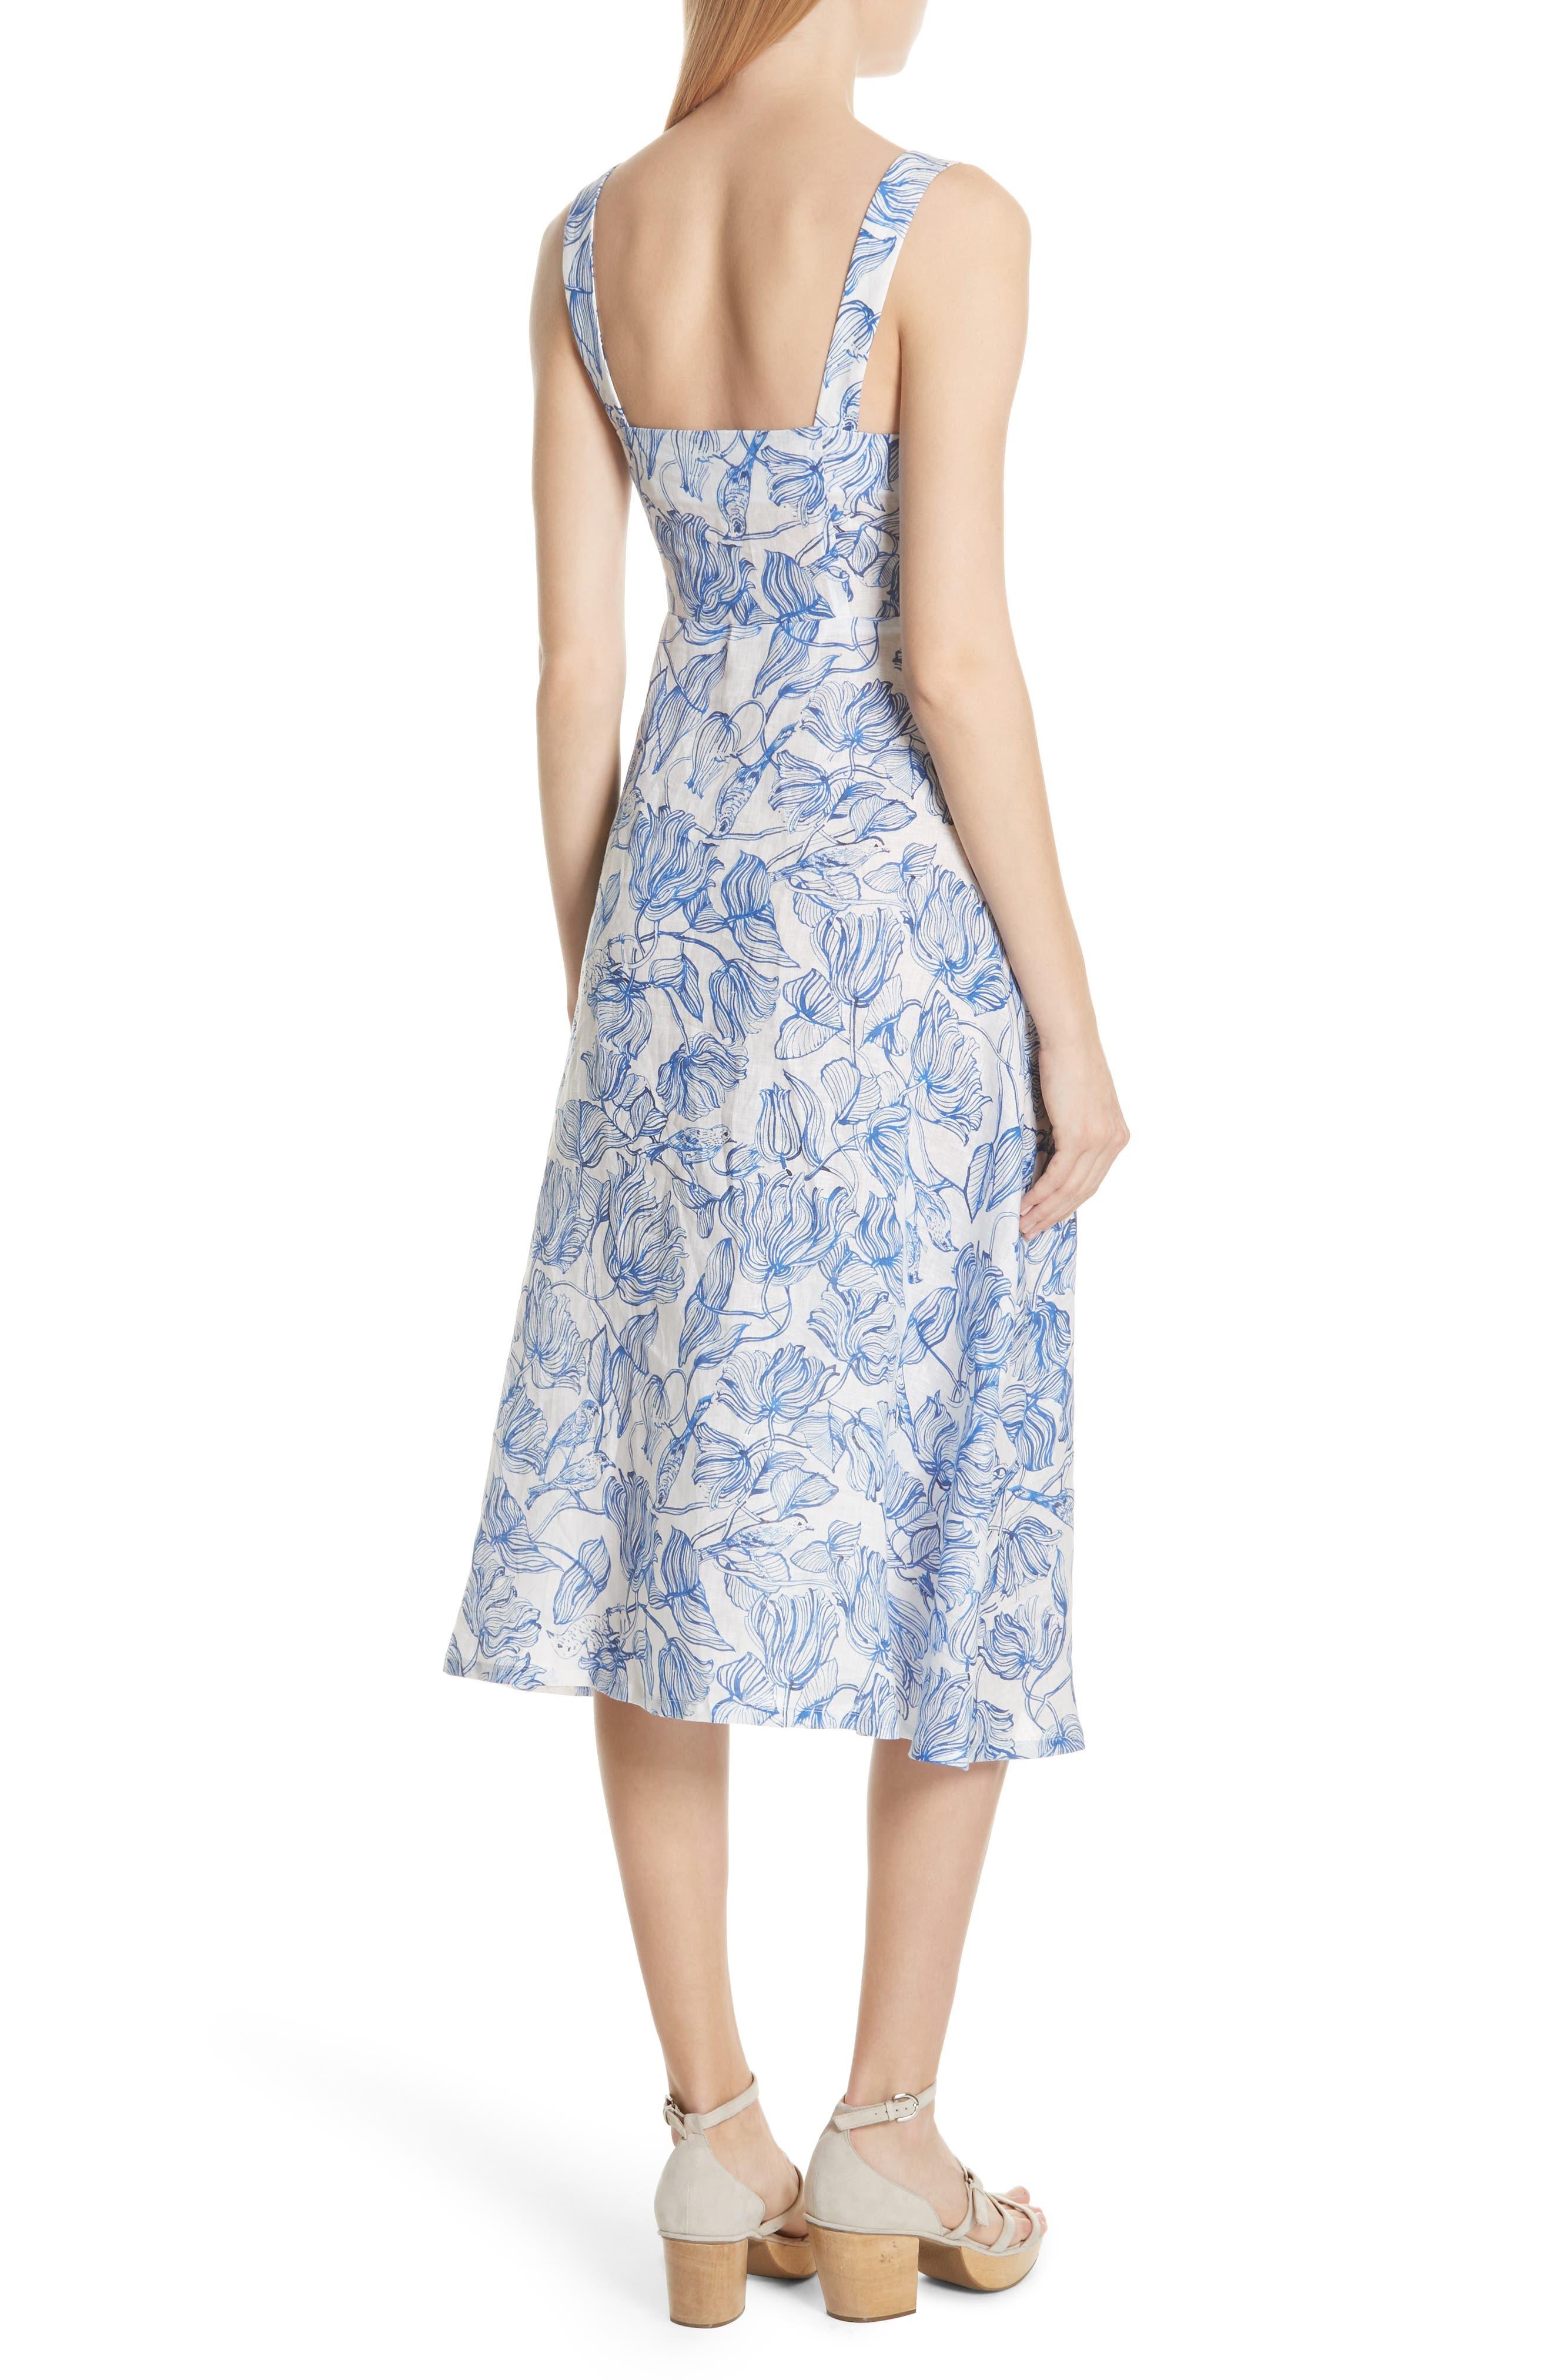 RACHEL COMEY,                             Lido Linen Dress,                             Alternate thumbnail 2, color,                             435